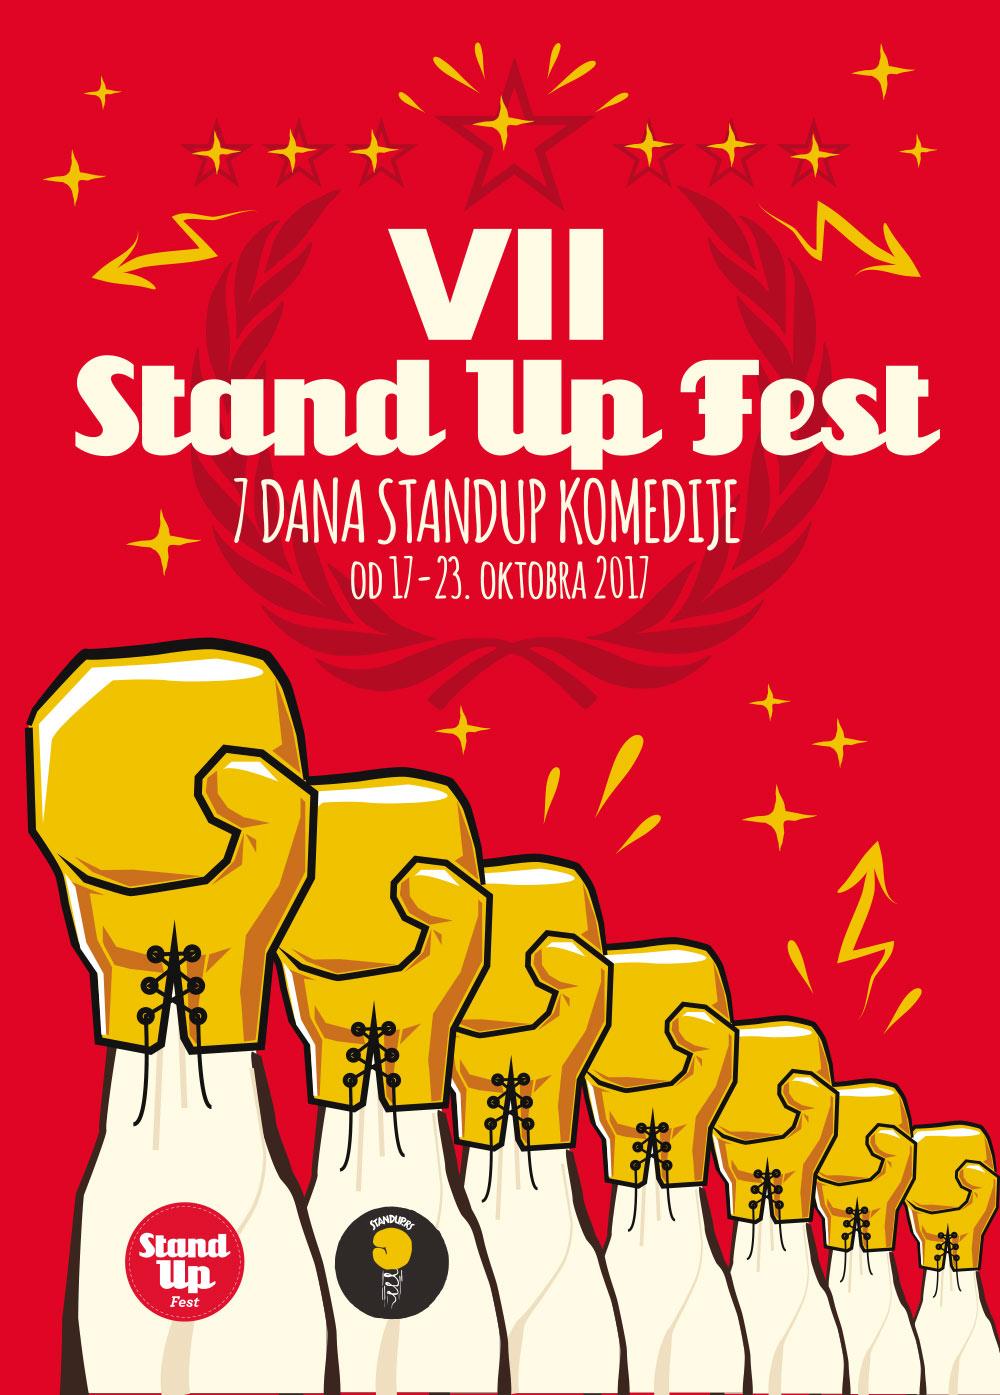 VII StandUpFest 2017: 7 dana stand up komedije u Beogradu!